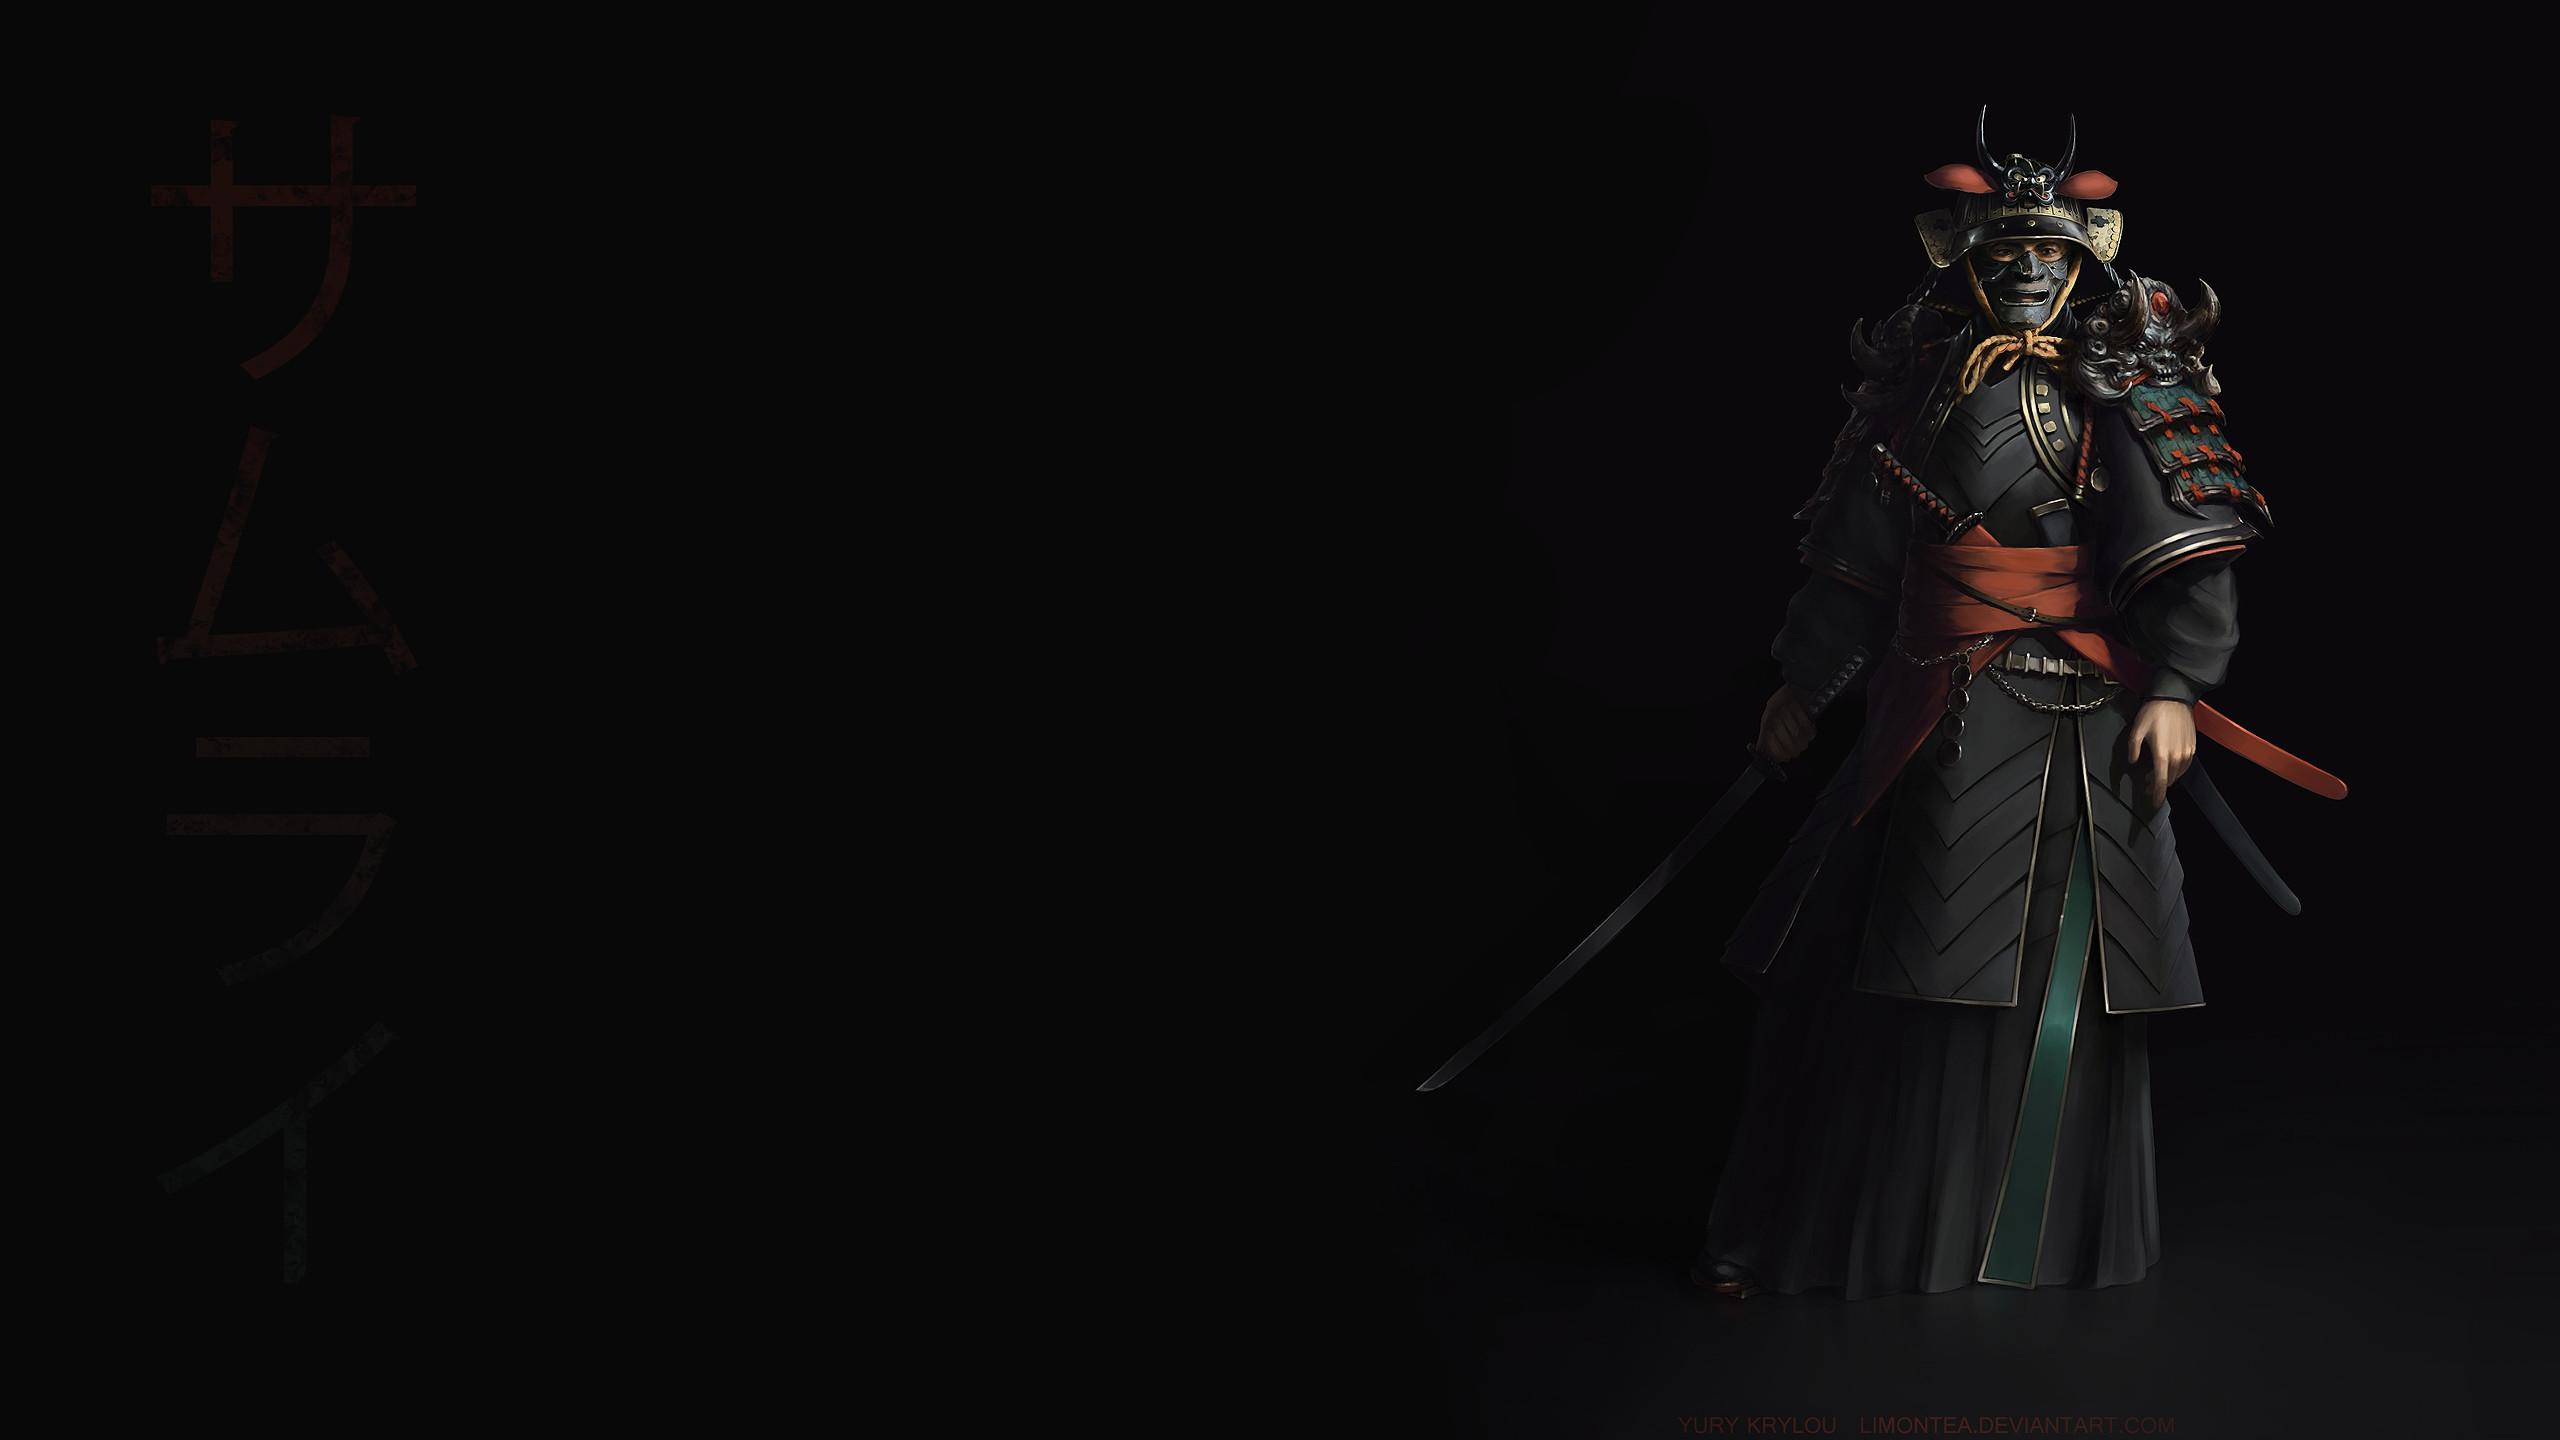 Res: 2560x1440, Desktop Samurai HD Wallpapers.